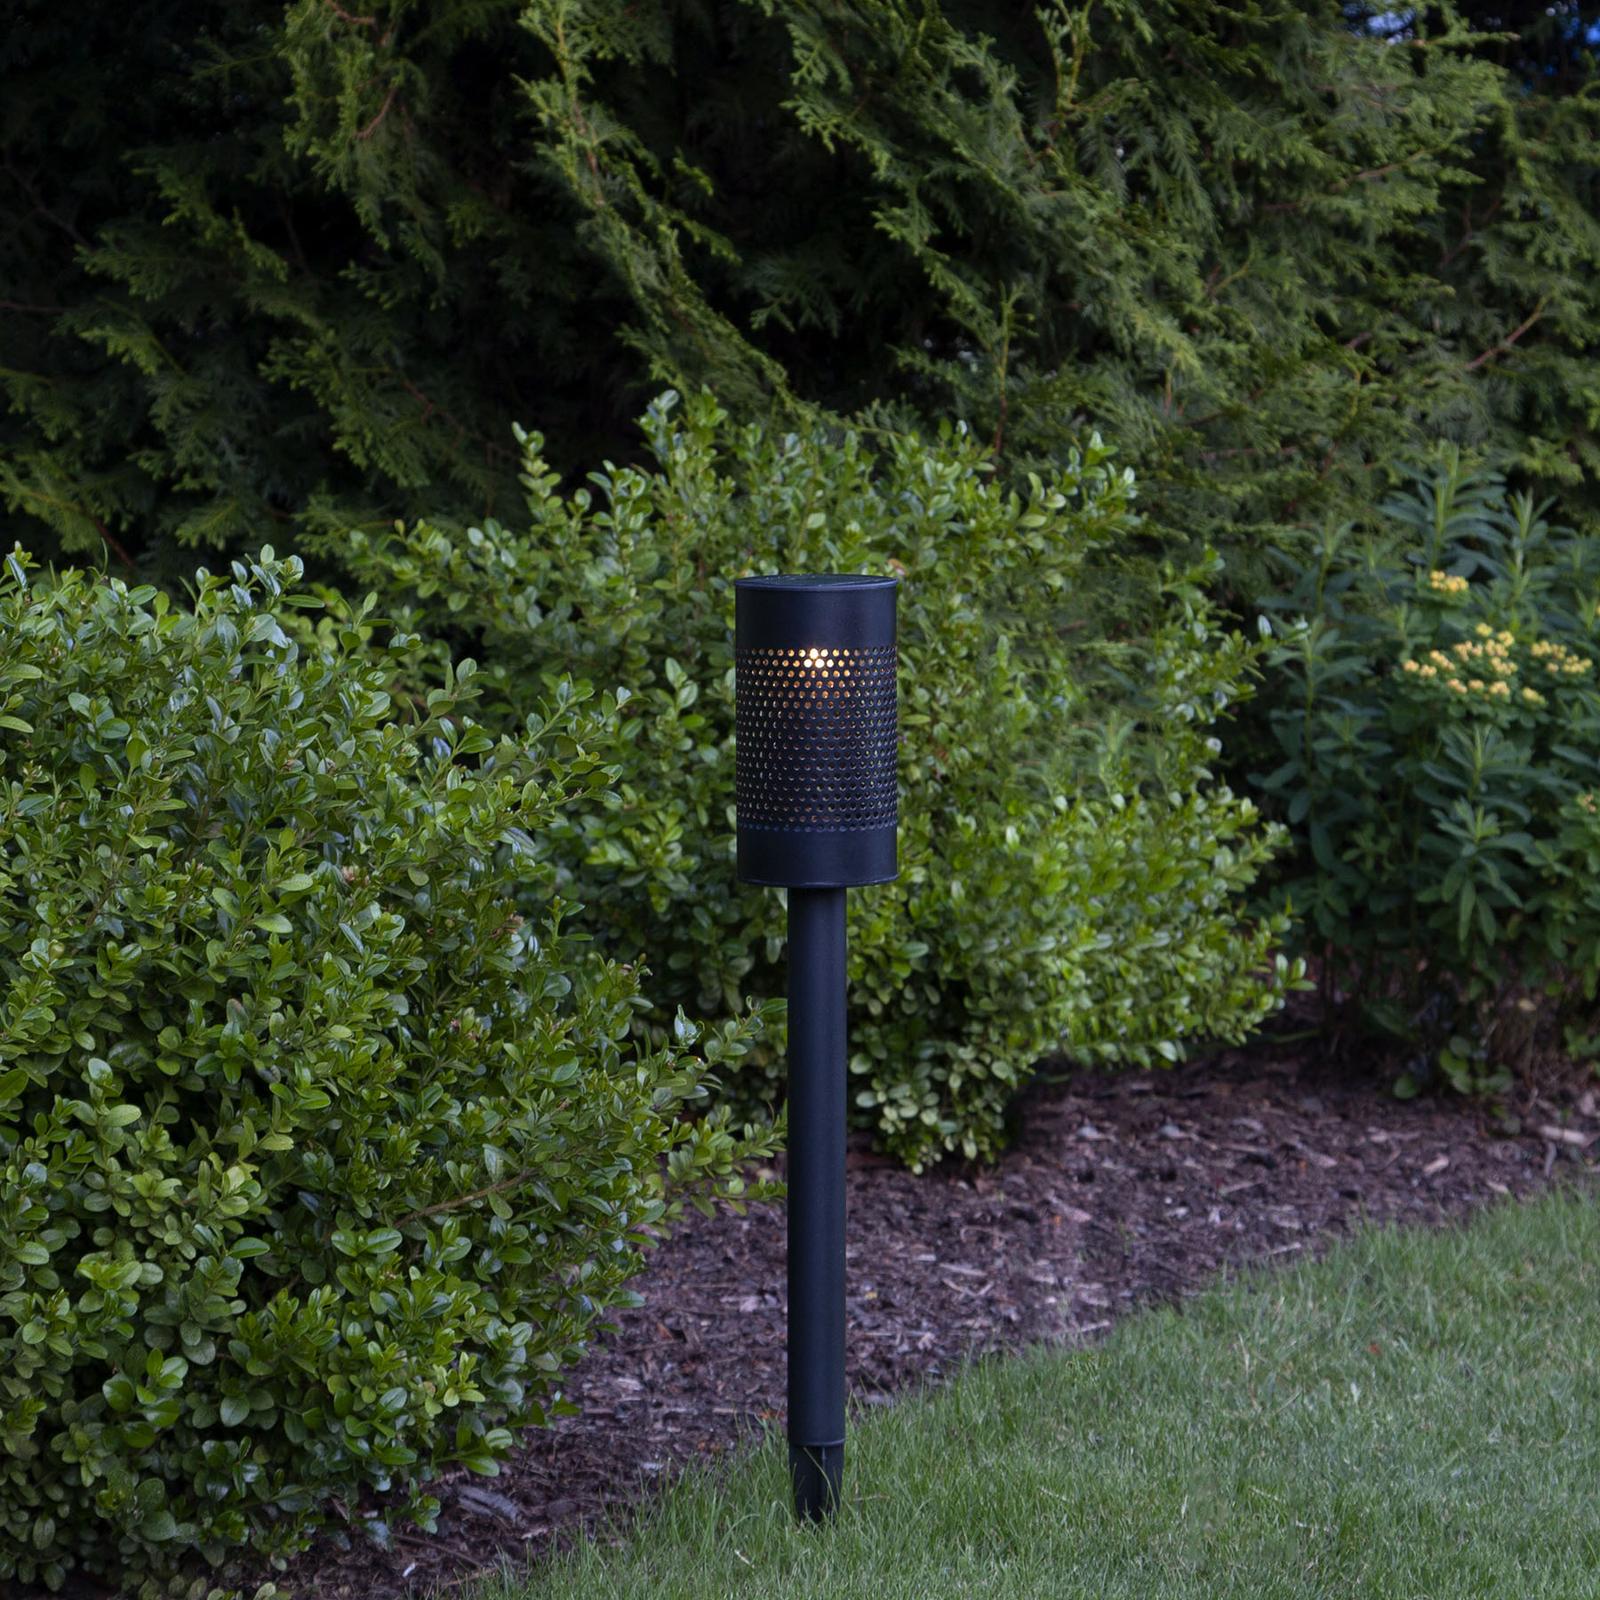 Lampa solarna LED Blace z grotem ziemnym, 46 cm